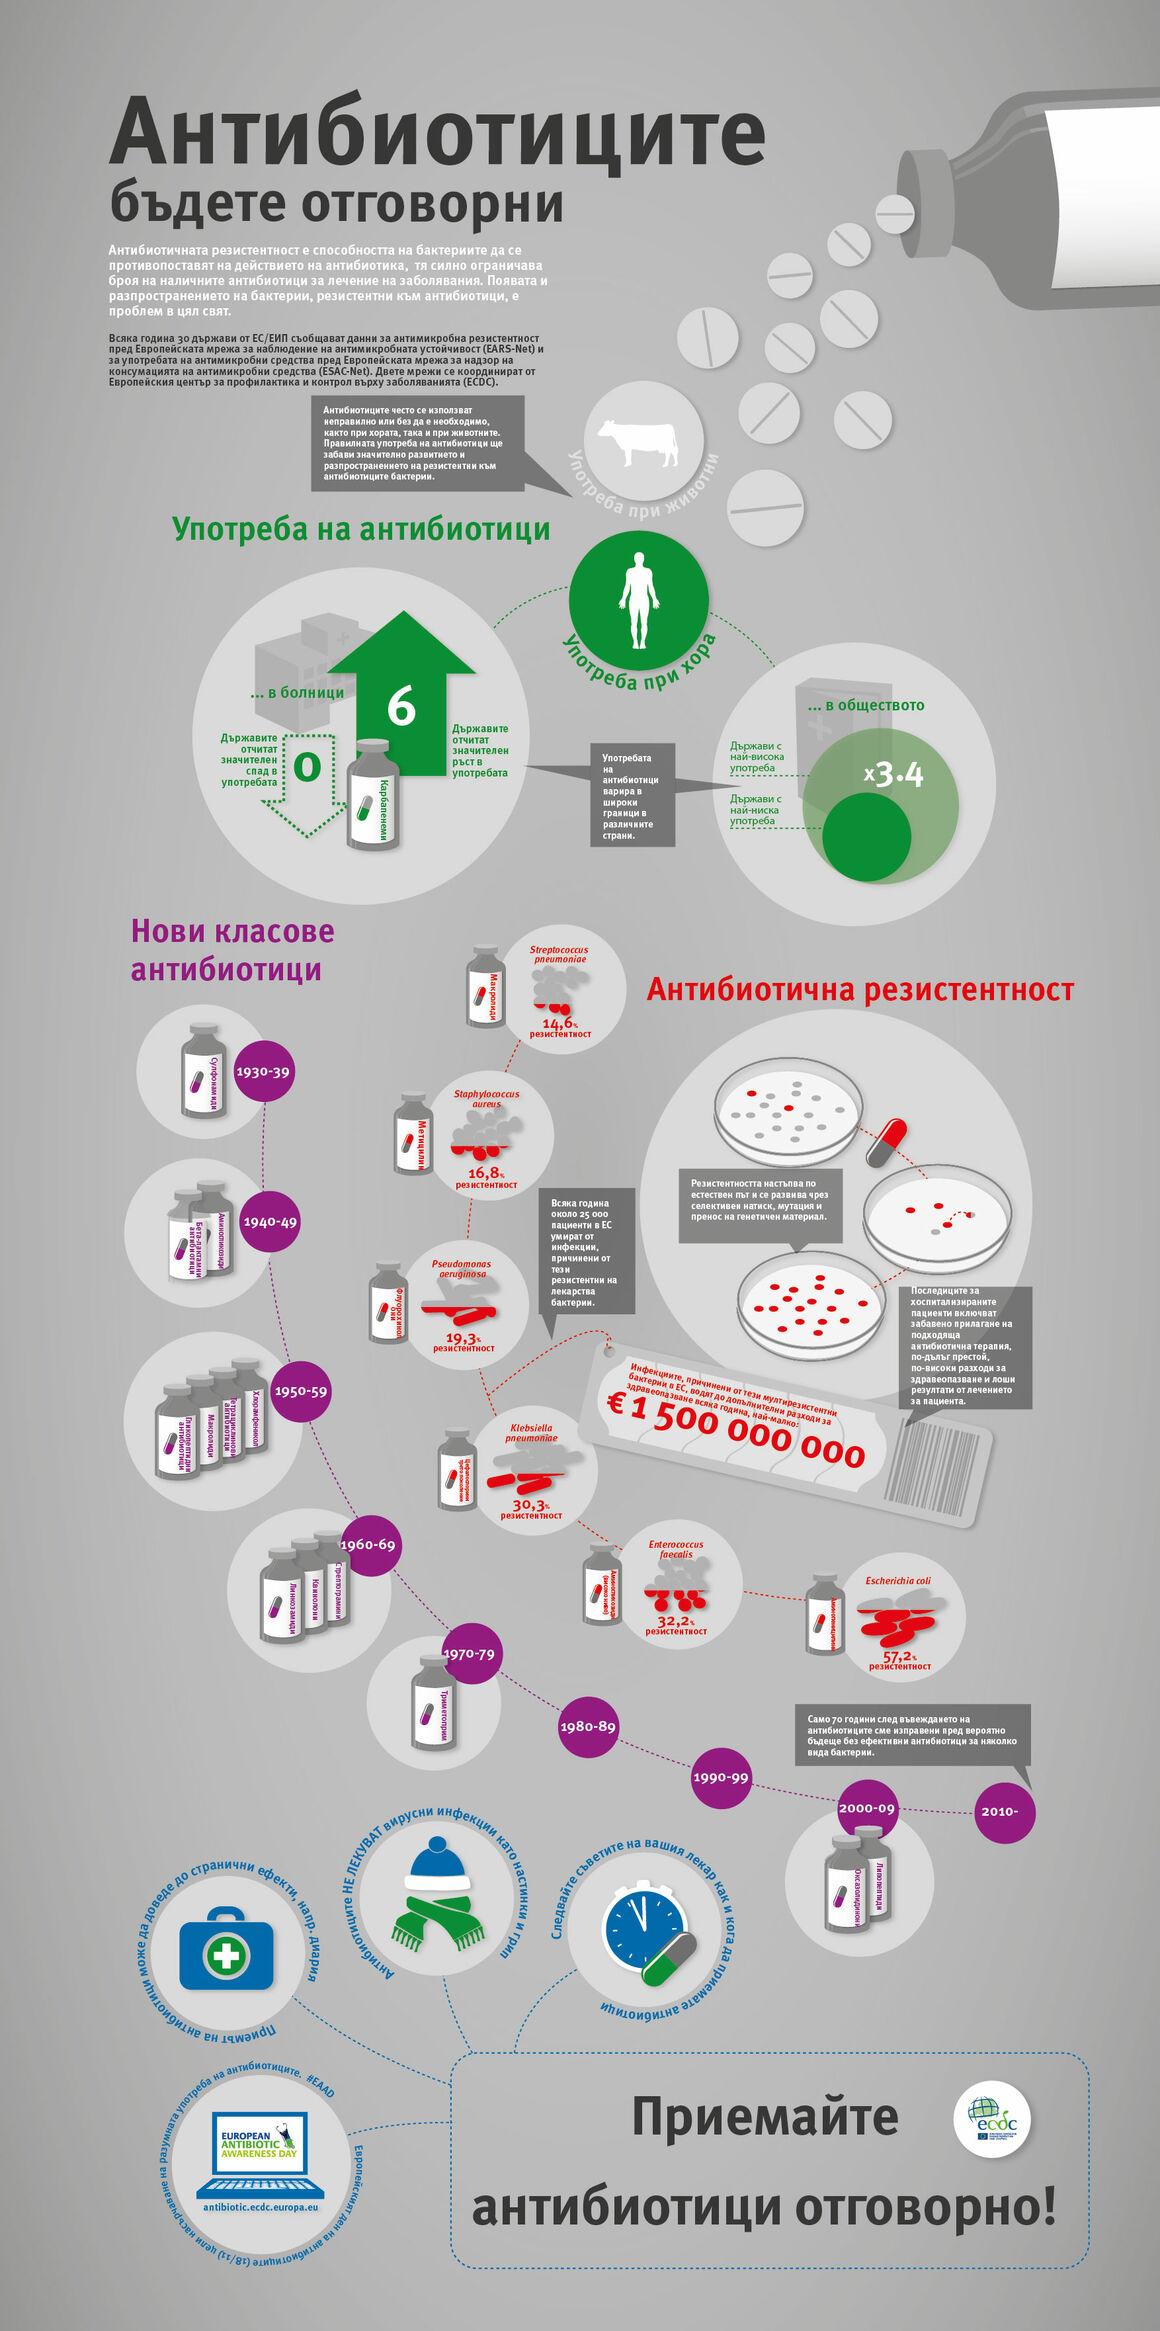 Антибиотиците - бъдете отговорни